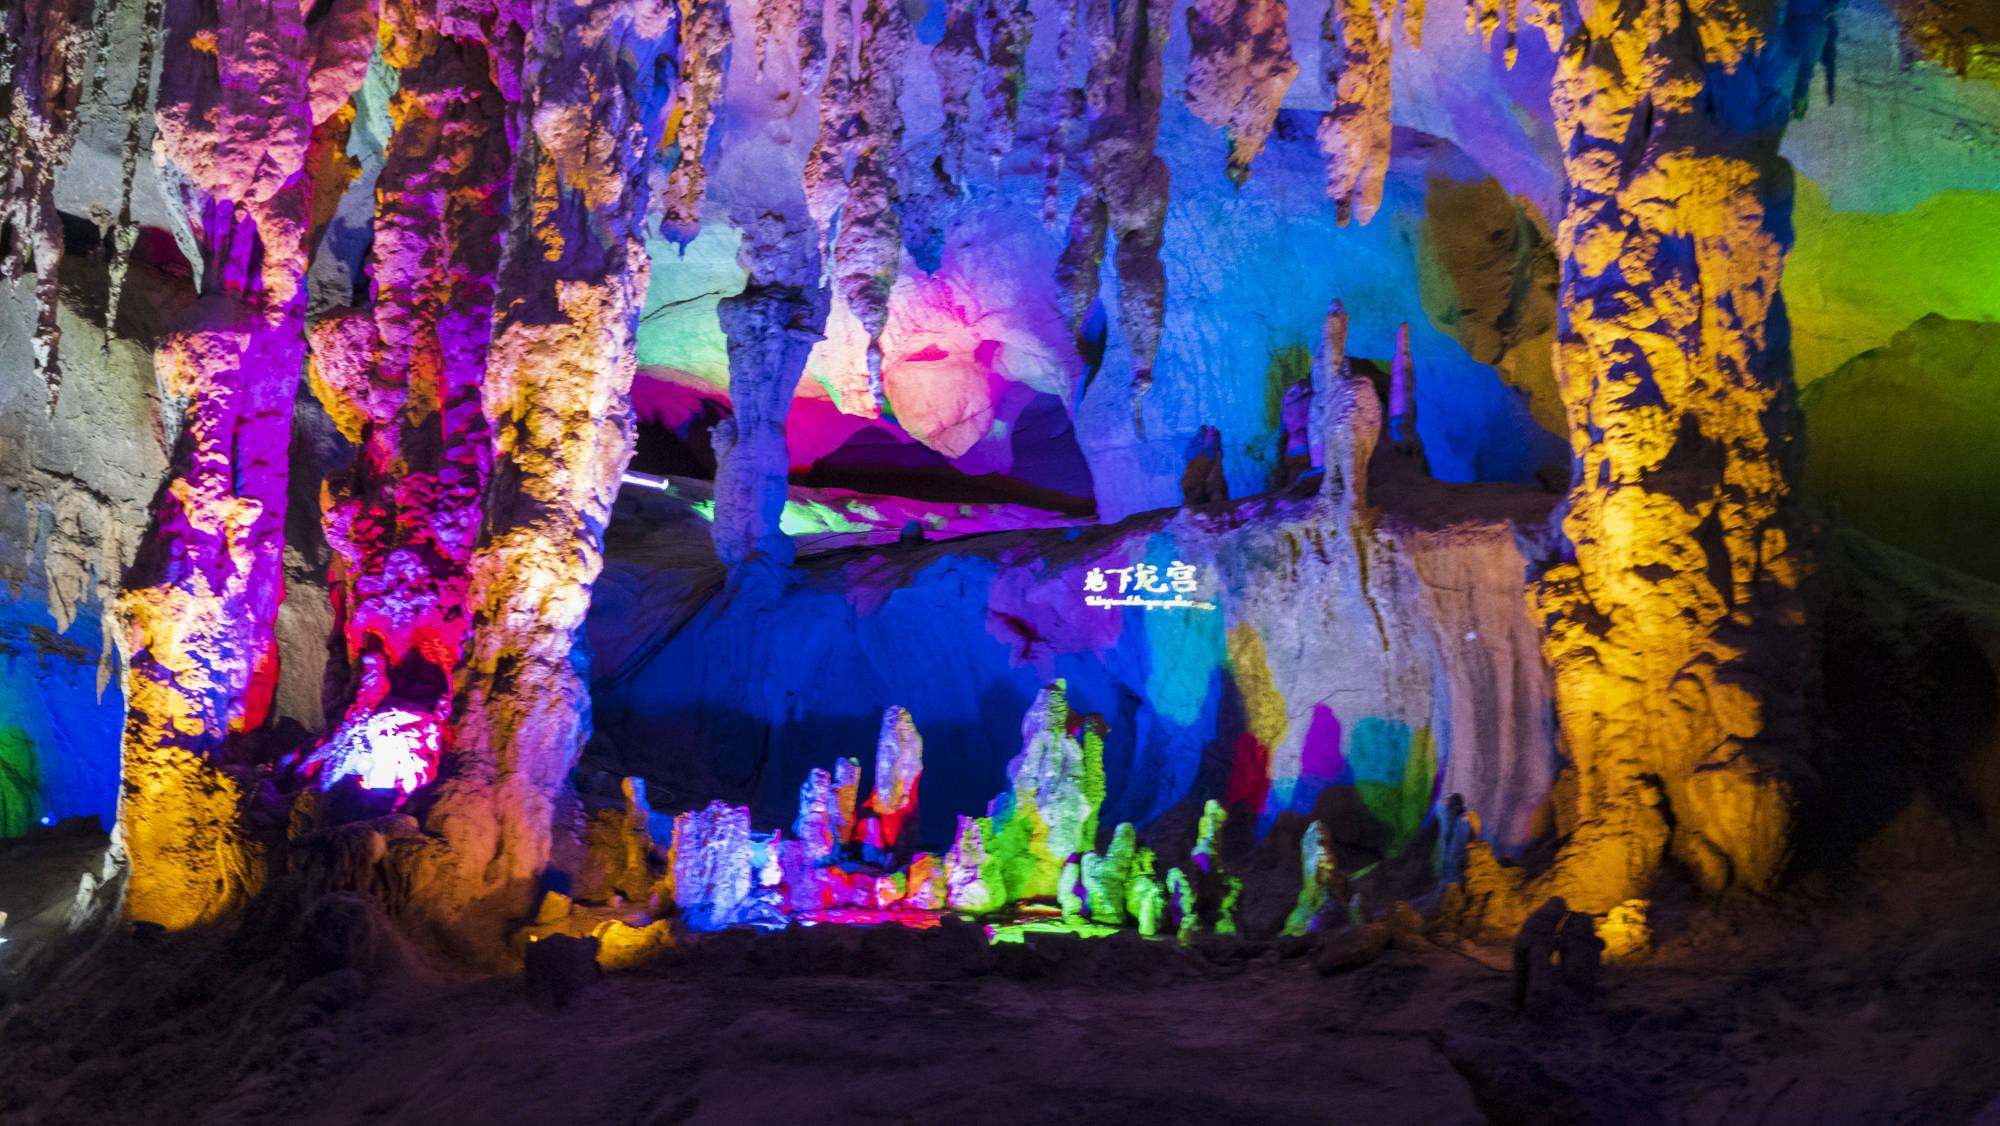 中国罕见的溶洞奇观,广东连州地下河,2亿年飞瀑奇石巧夺天工